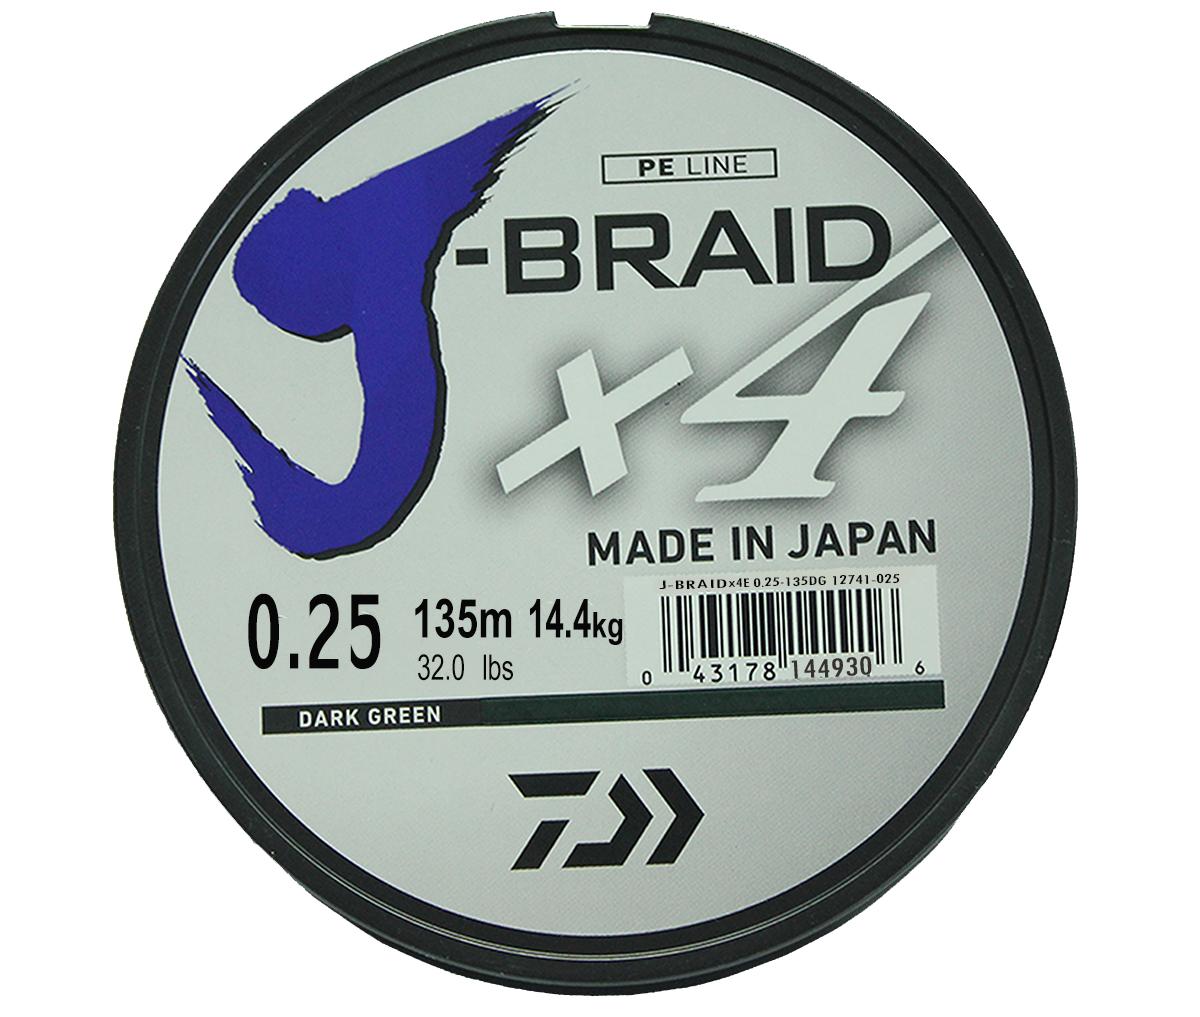 Шнур плетеный Daiwa J-Braid X4, цвет: зеленый, 135 м, 0,25 мм61165Новый 4х жильный шнур J-Braid, DAIWA - шнур высокого класса с удивительным соотношением цены и качества. Качество плетения полностьюсоответствует японским стандартам и удовлетворяет всем требованиям. Представленные диаметры позволяют использовать шнур для всех техникловли, начиная от ultra- light ловли окуня, до морской ловли палтуса, трески и т.д